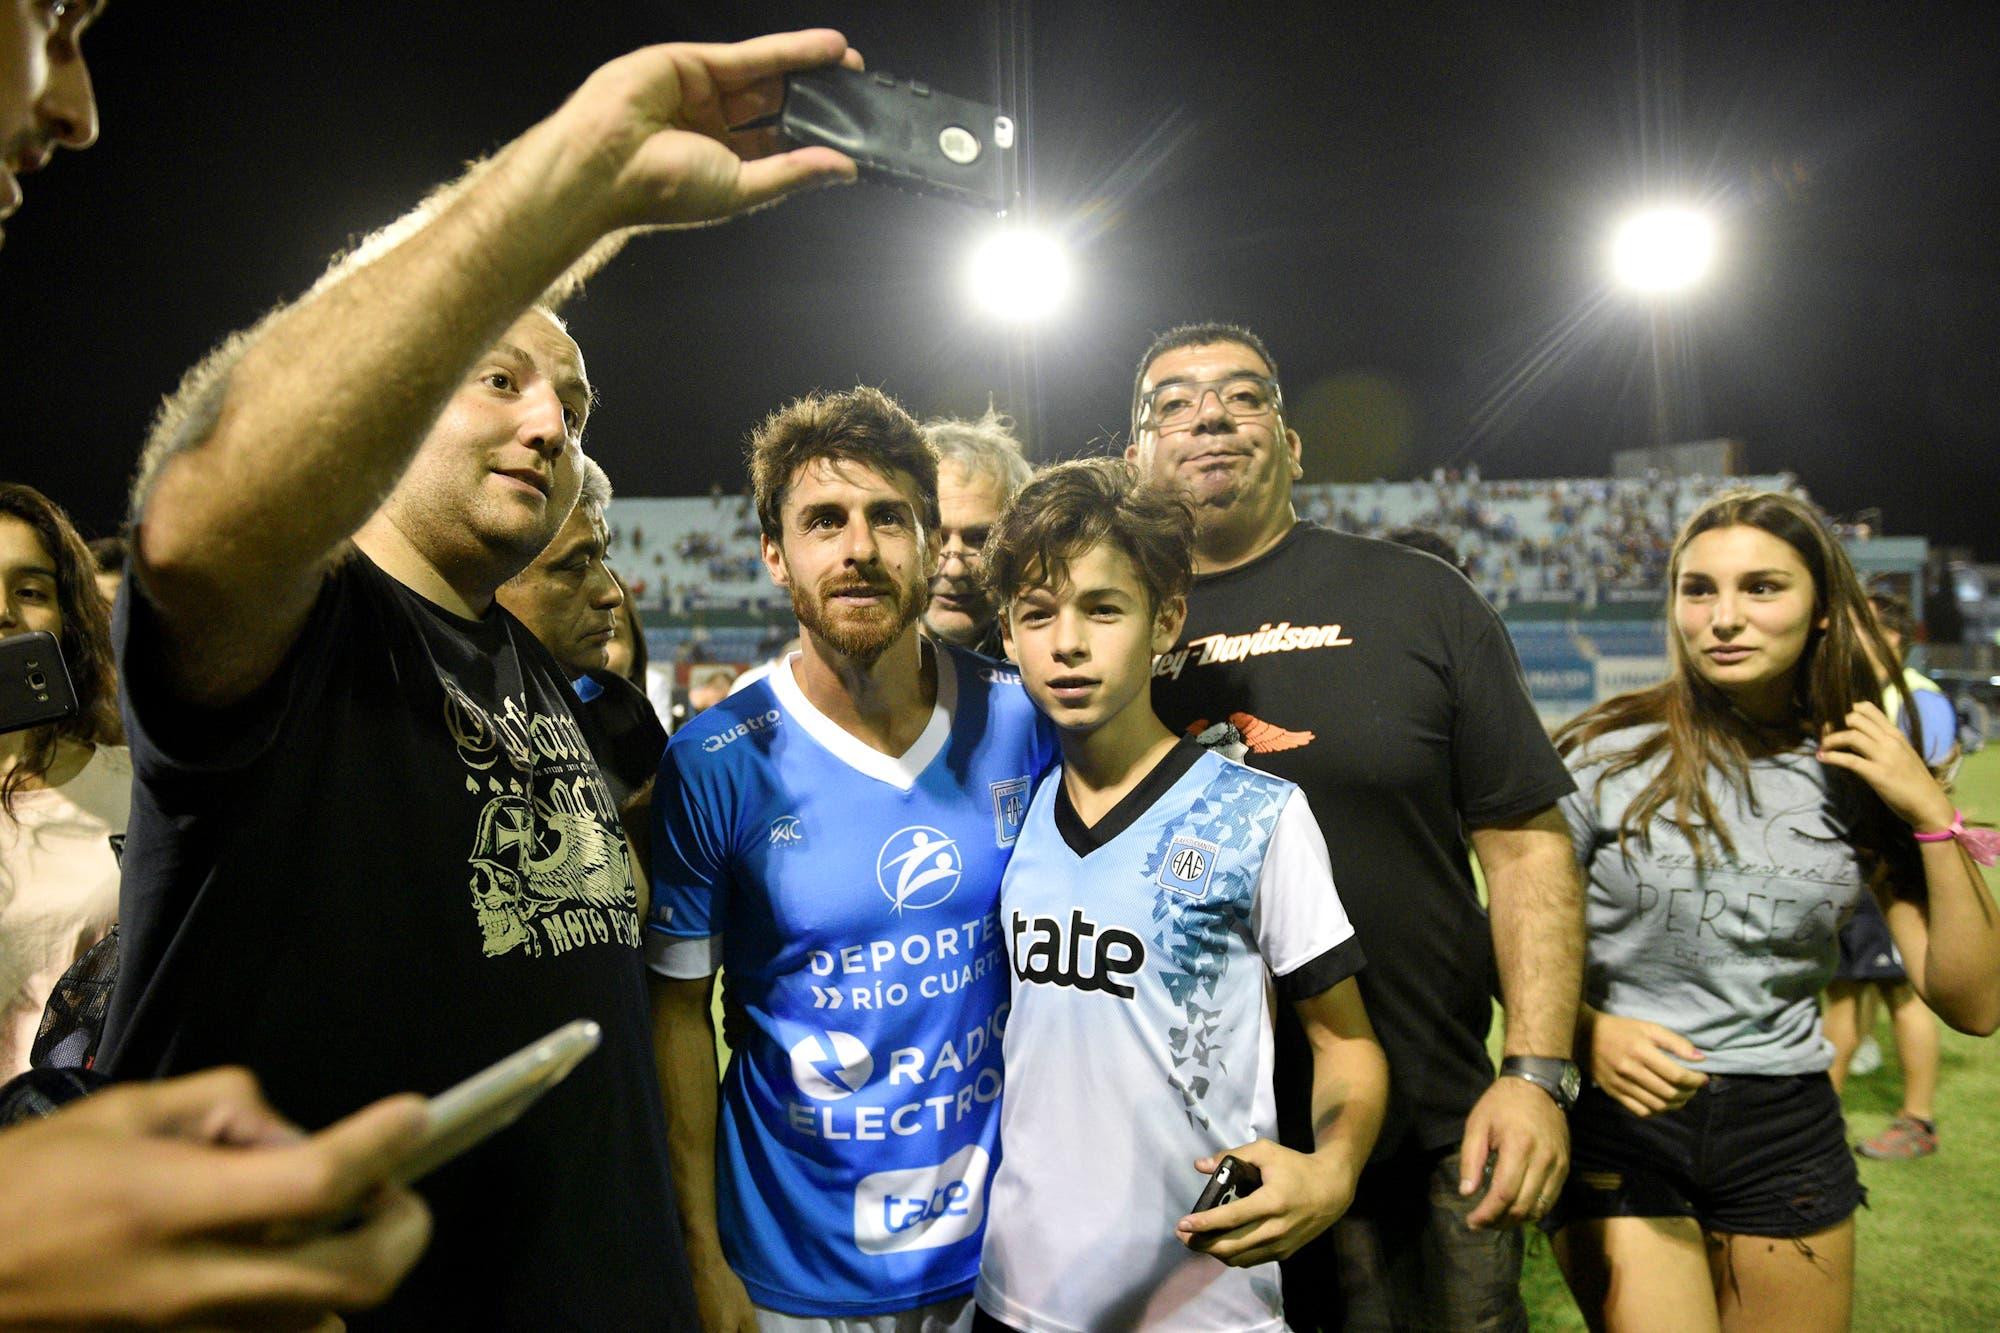 El rival de Boca en la Copa Argentina: Estudiantes de Río Cuarto, el equipo donde nació y se retiró Pablo Aimar